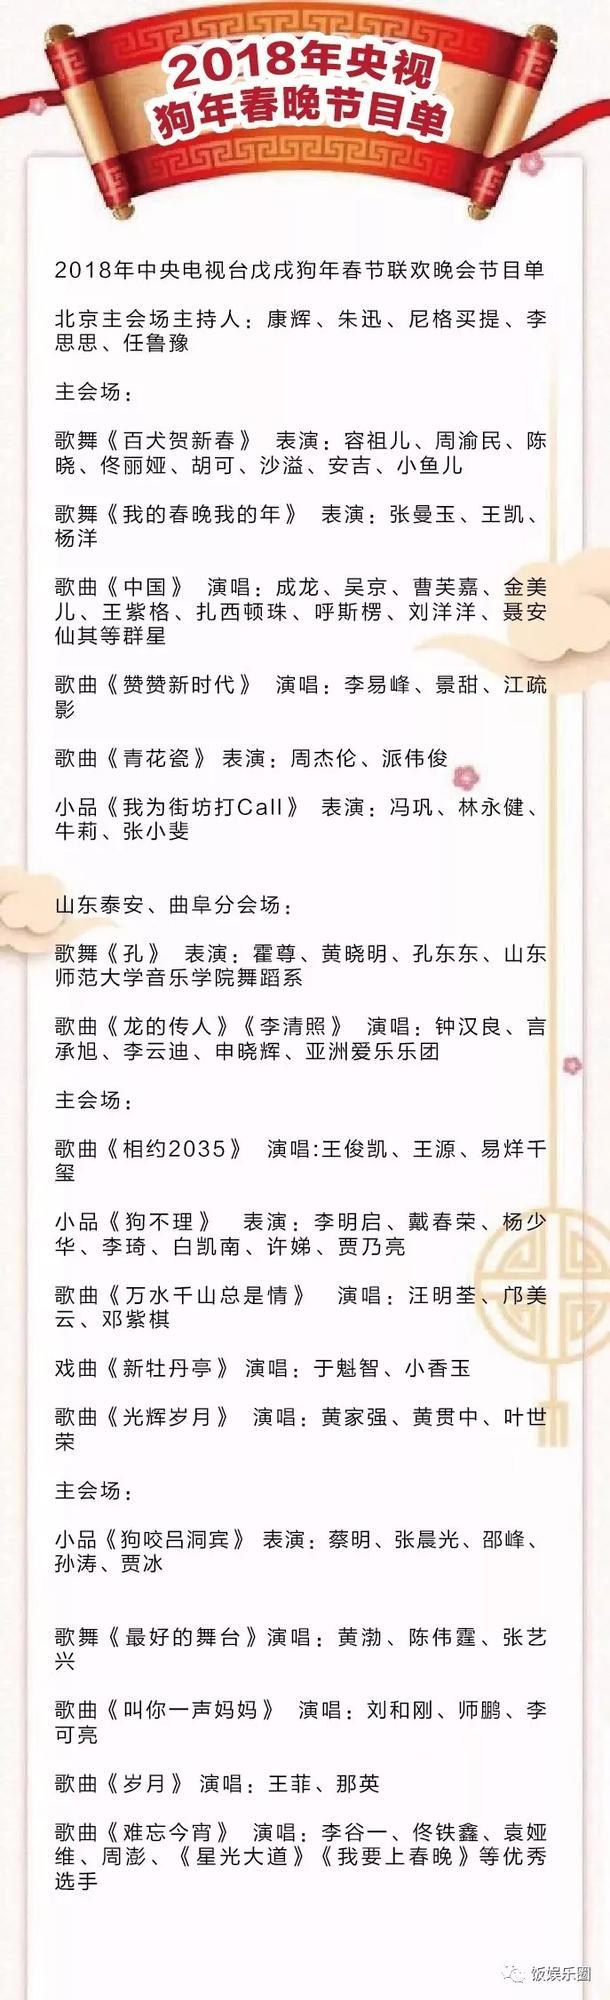 2018央视春晚节目单曝光!周杰伦杨洋张艺兴等流量王确定参加!